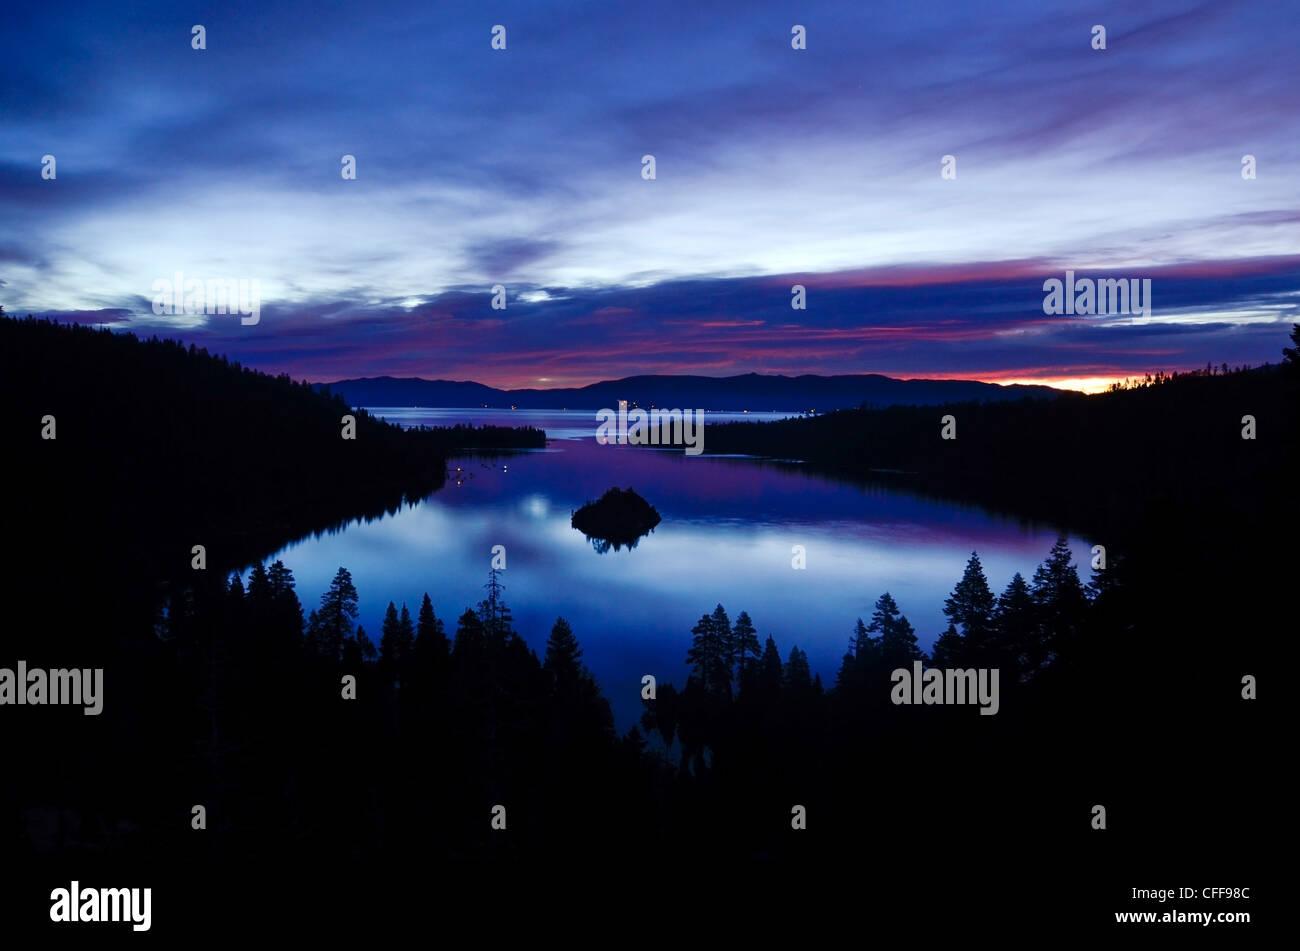 Eine Morgendämmerung Ansicht der Emerald Bay kurz vor Sonnenaufgang in Lake Tahoe, Kalifornien. Stockbild